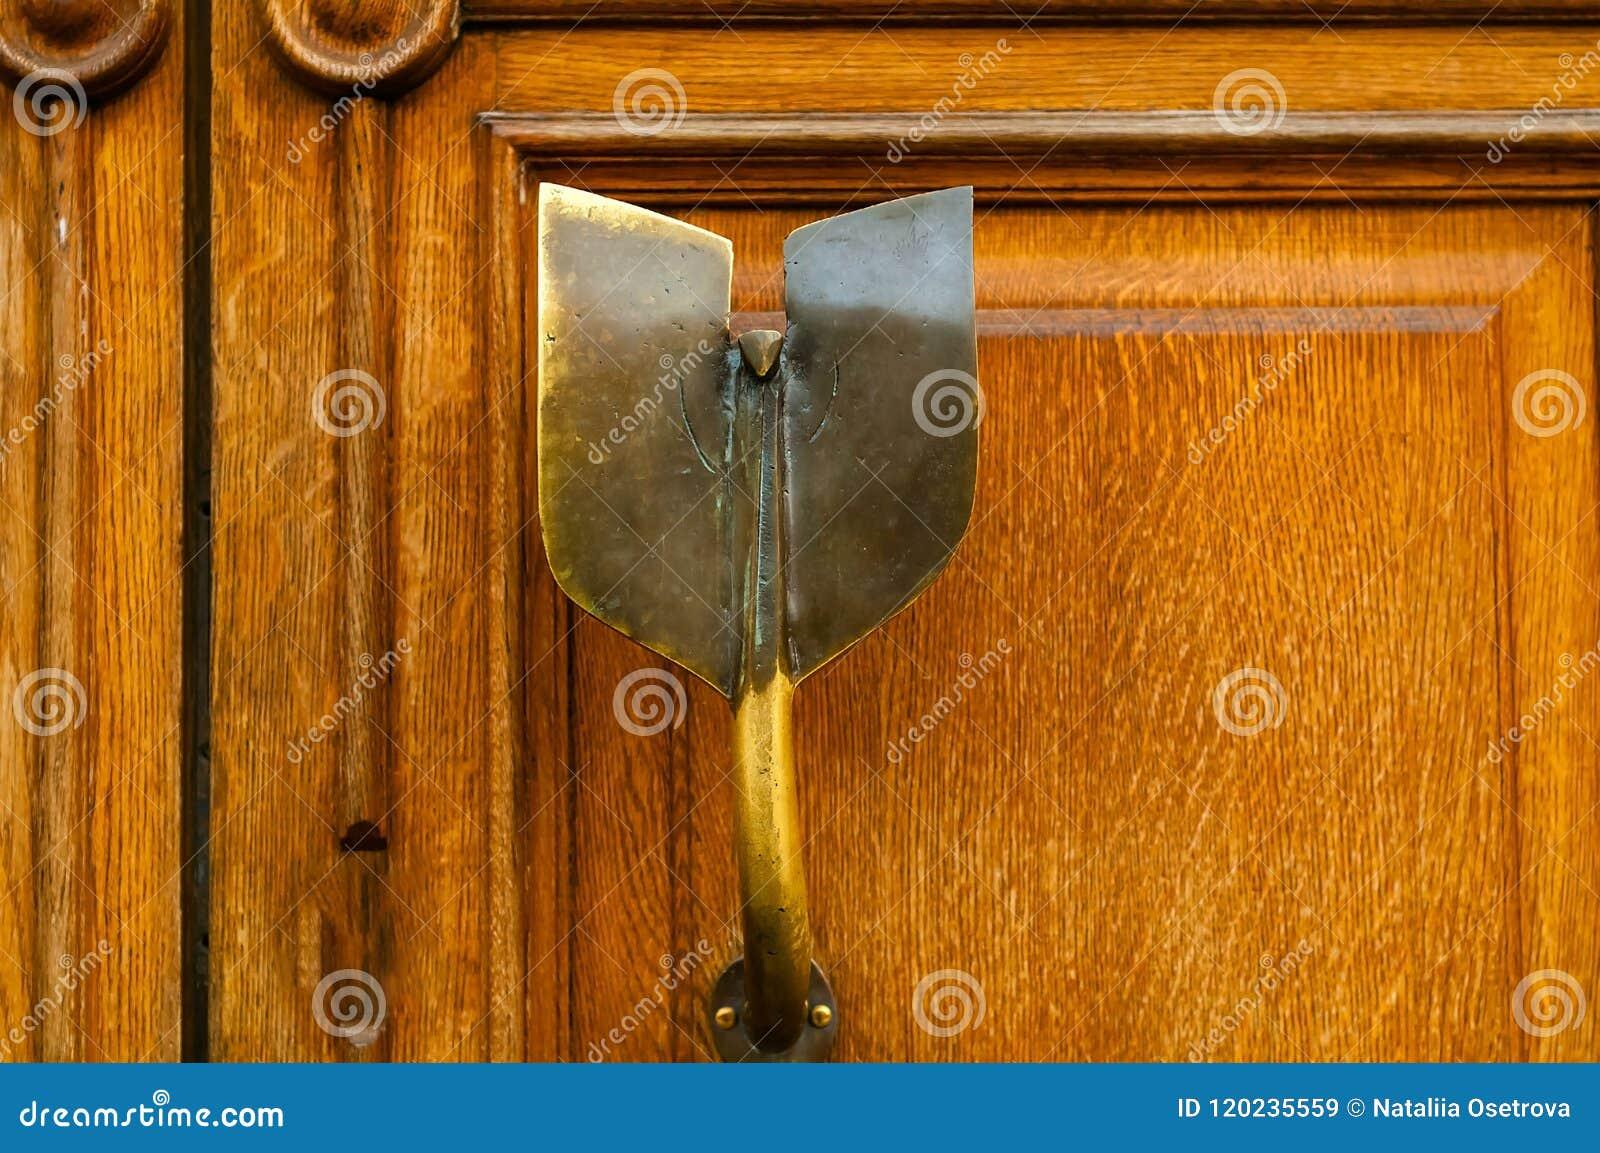 葡萄酒铁与装饰品的门把手在木背景,古色古香的对象的概念,自然光,拷贝空间,特写镜头